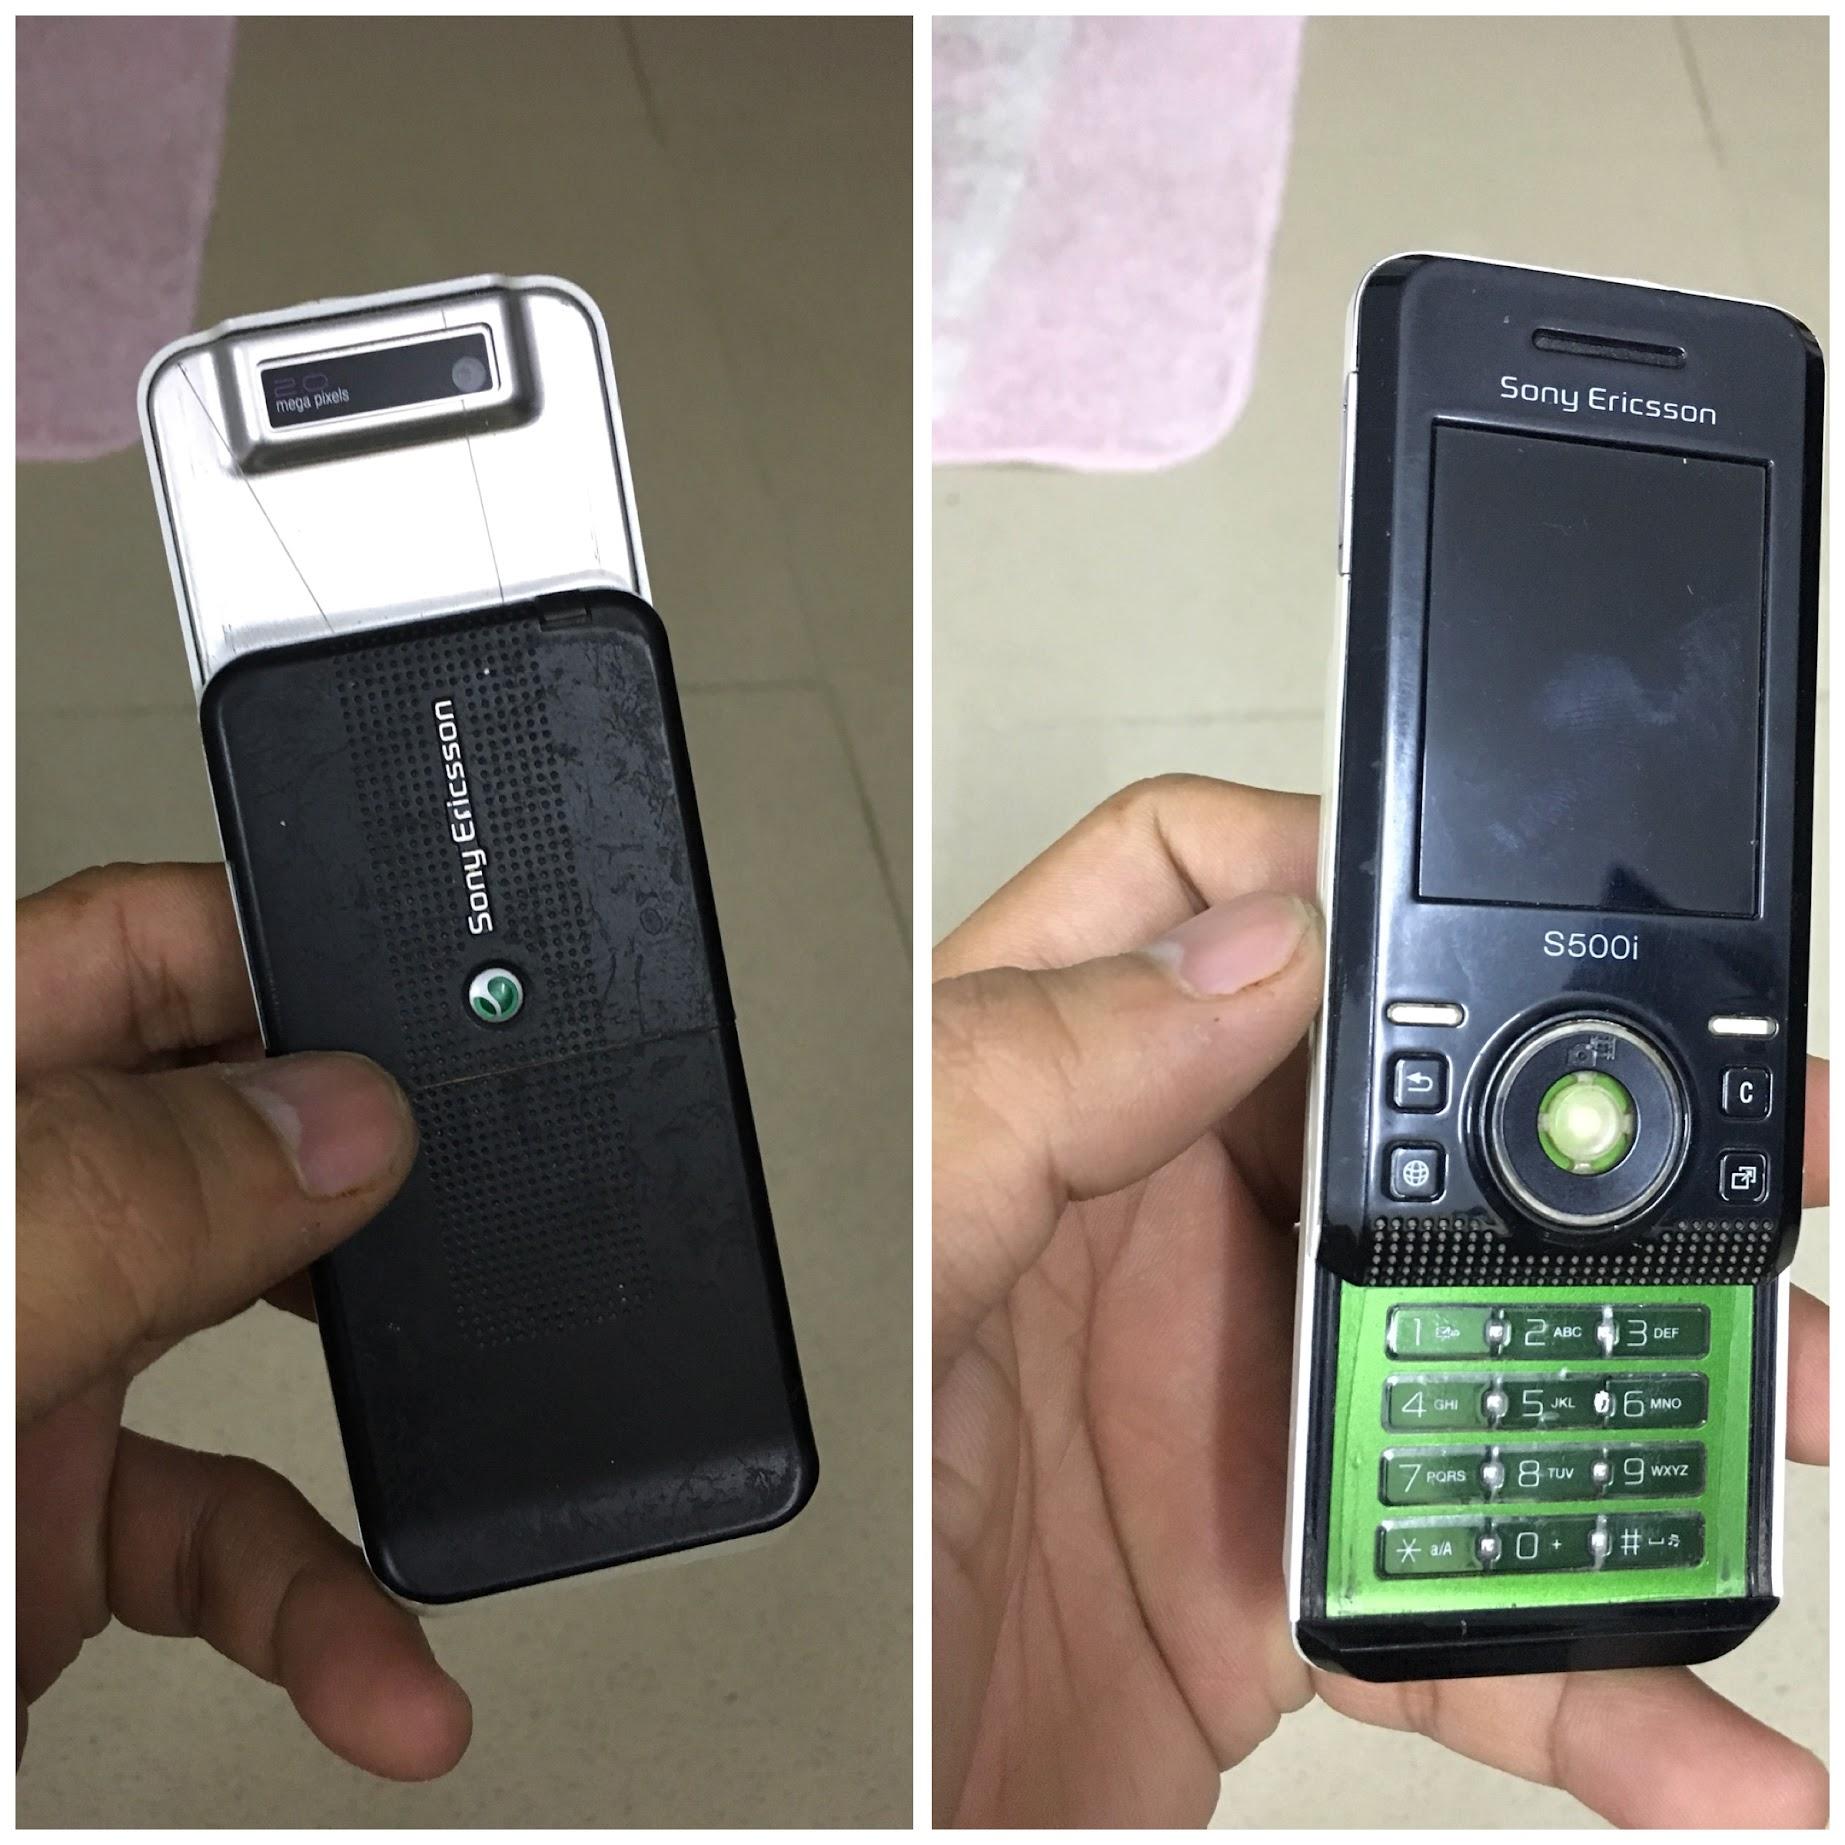 Thanh lý mớ đồ công nghệ cũ - 3